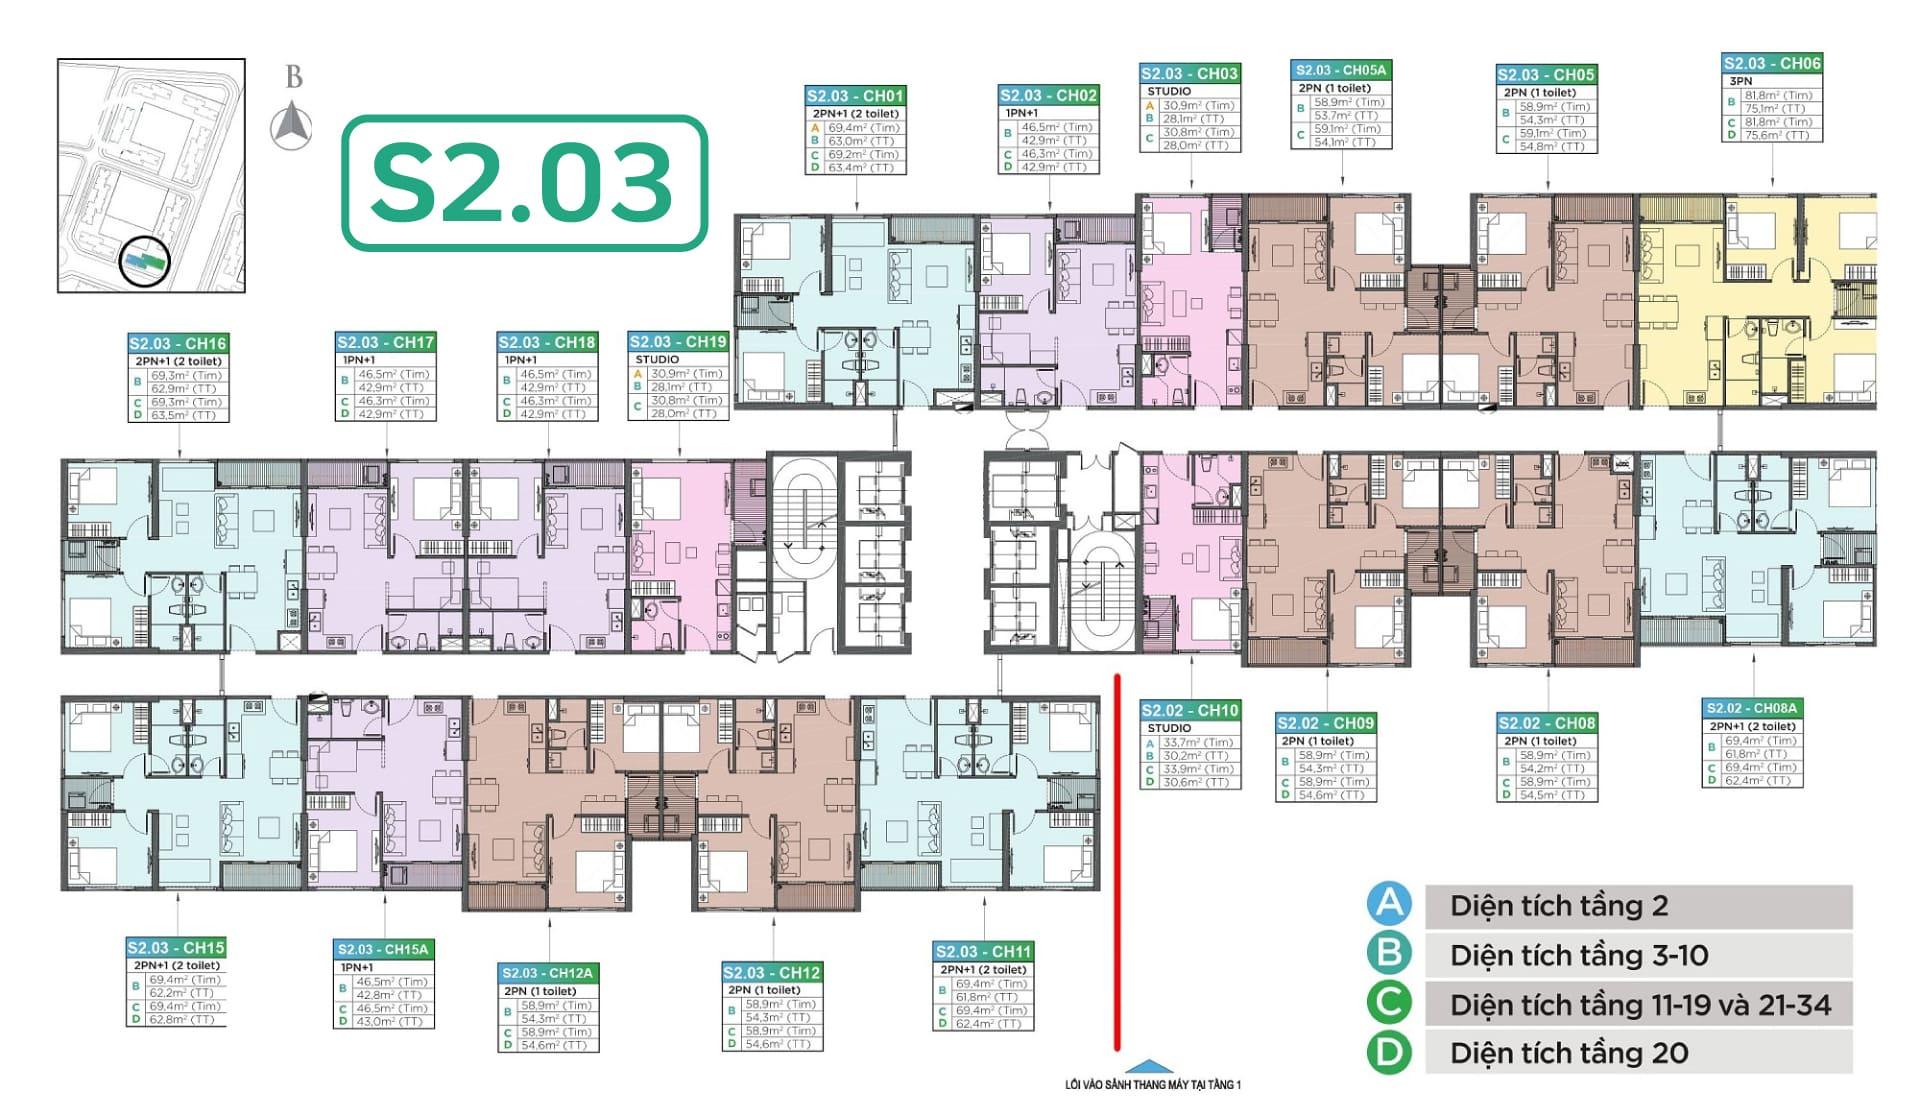 mặt bằng tòa căn hộ s2.03 vinhomes smart city